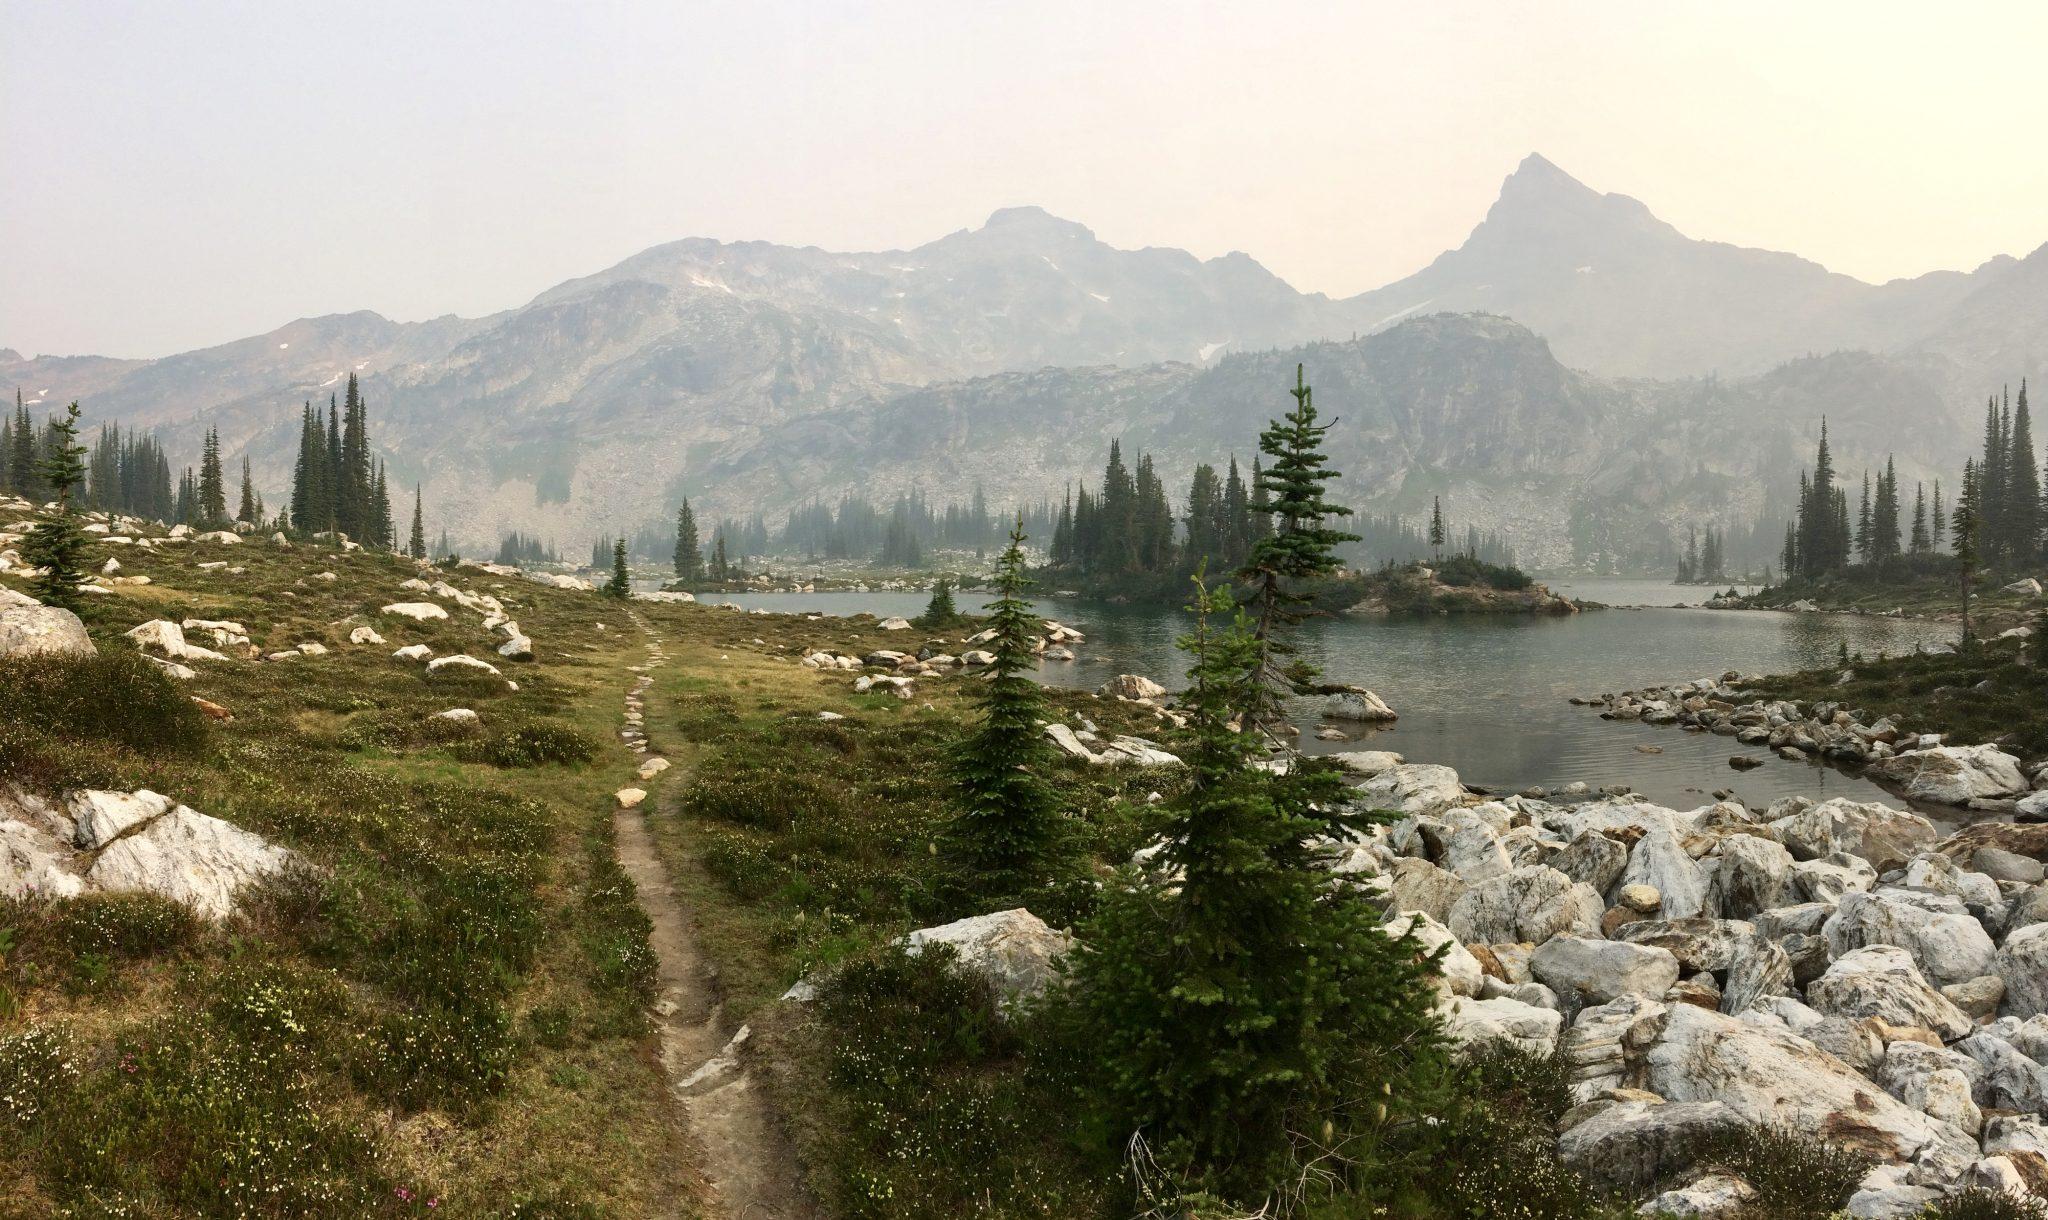 Camping at Gwillim Lakes